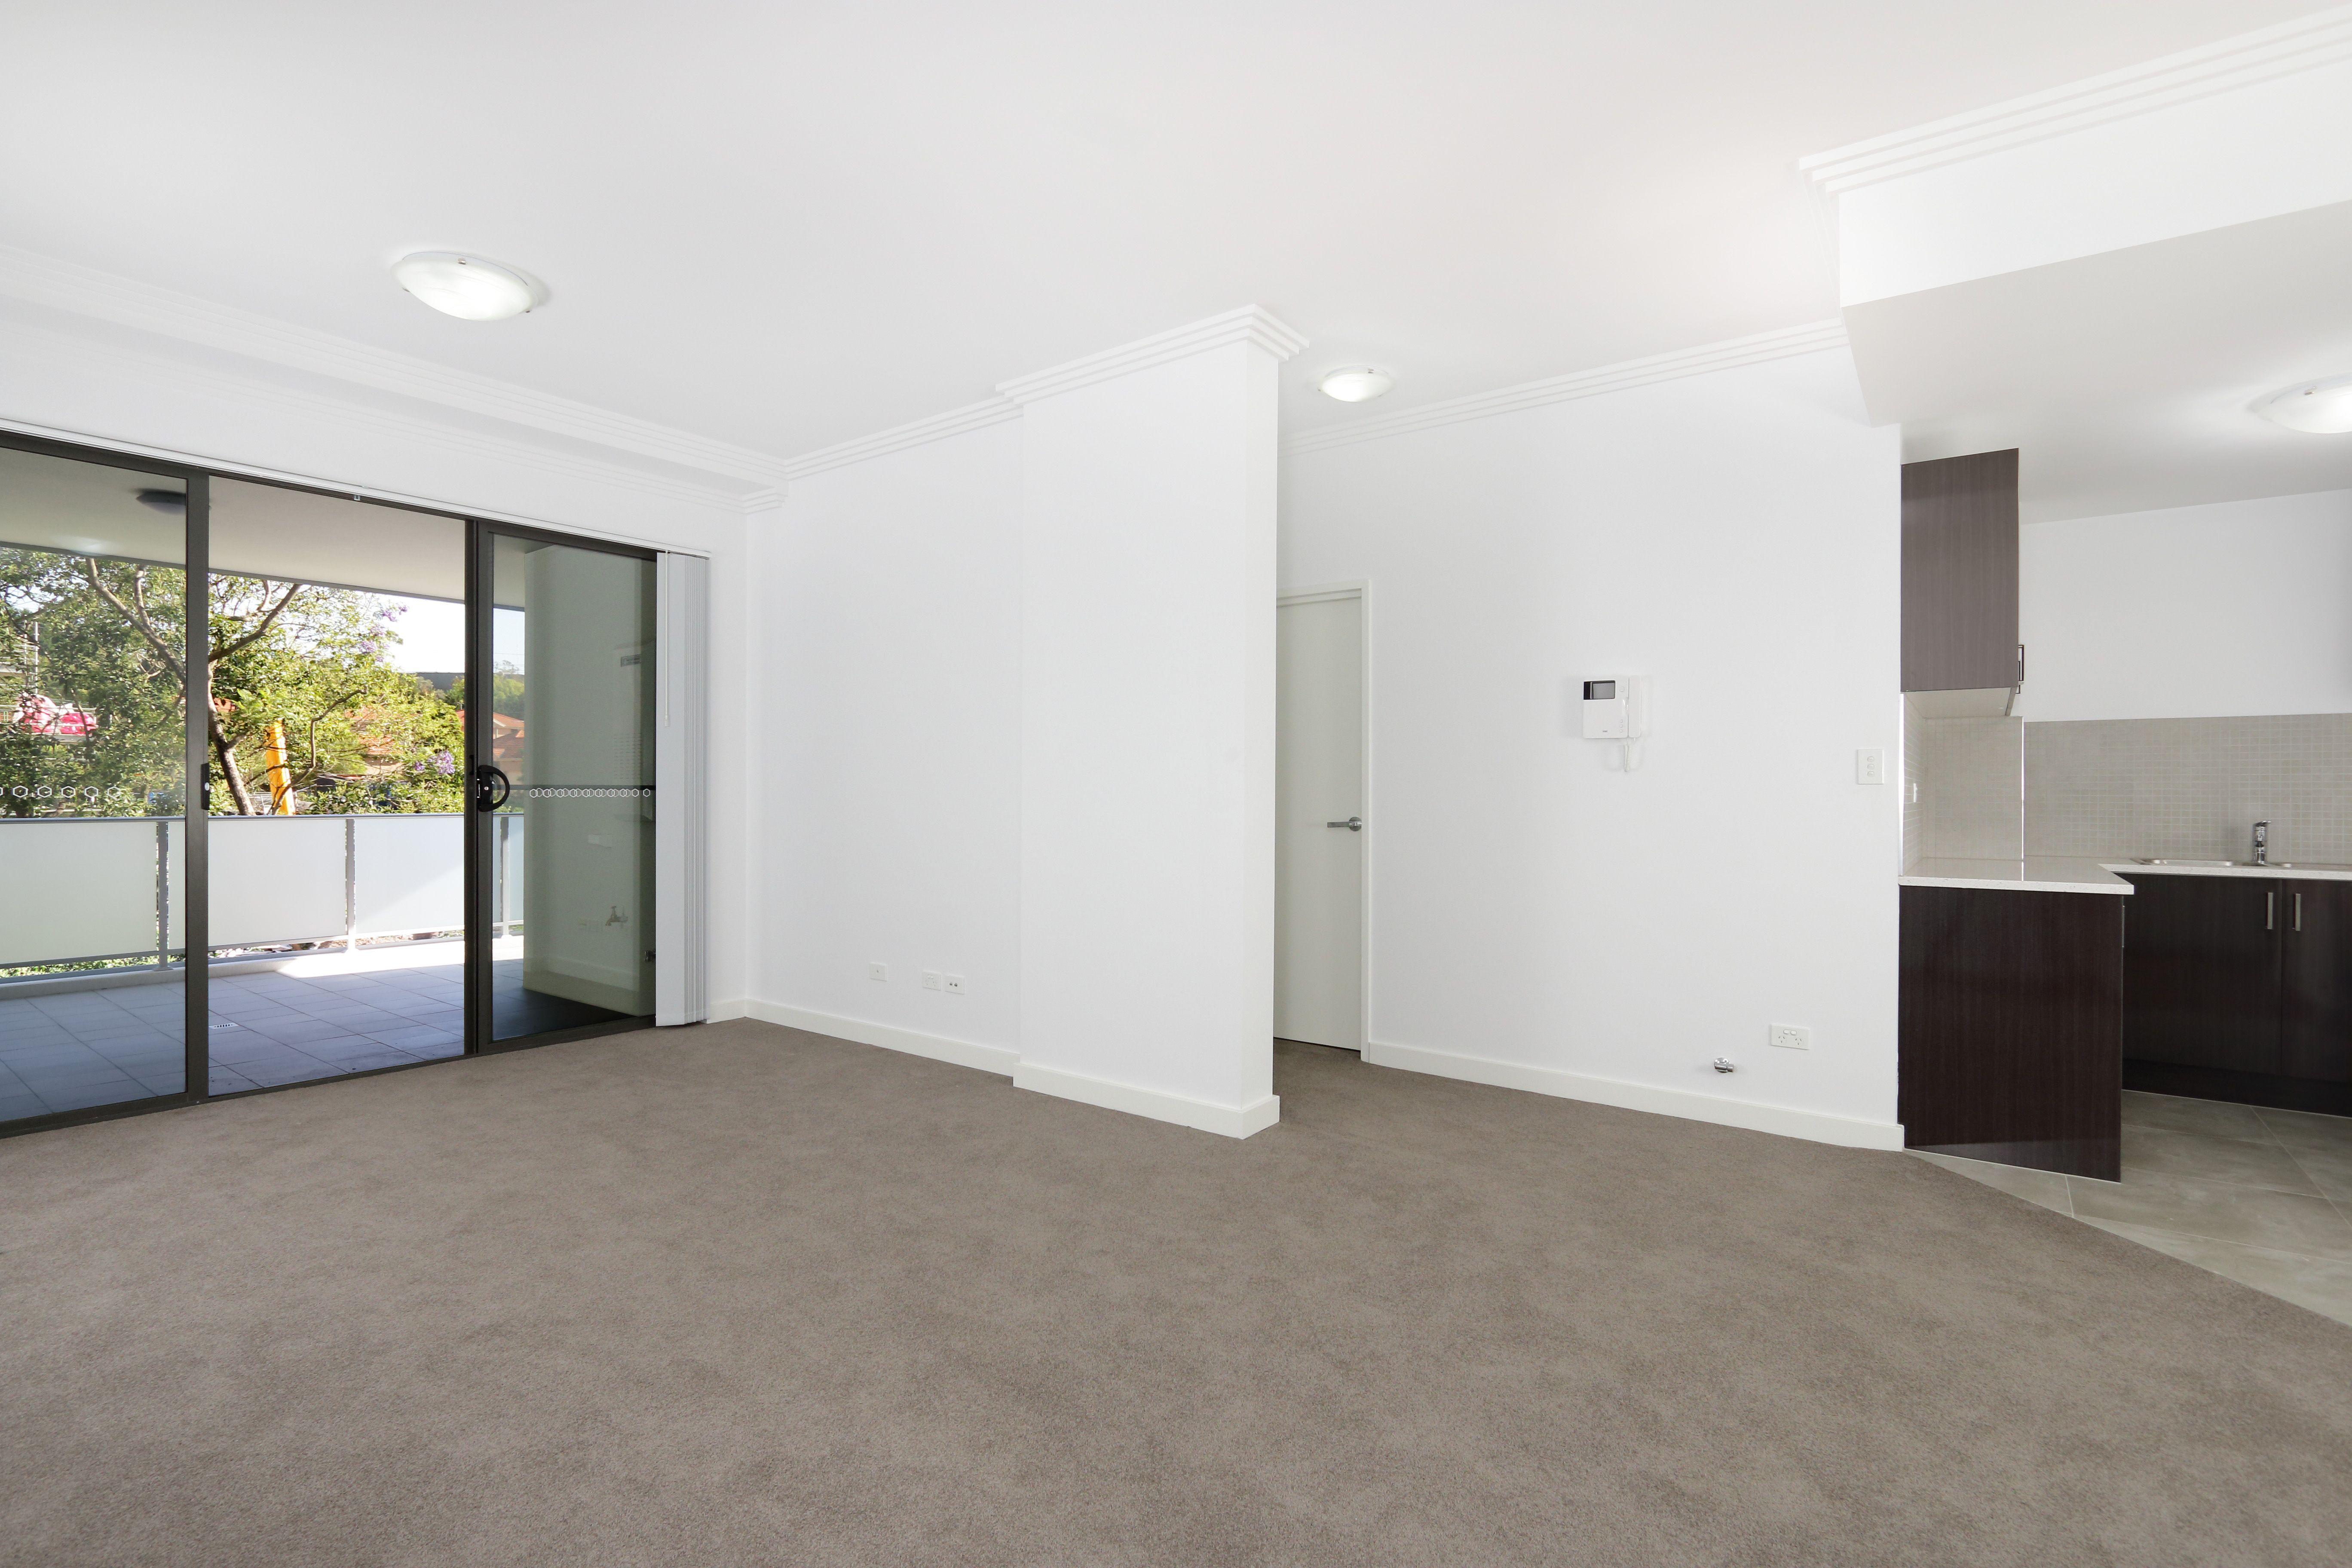 29/223-227 Carlingford Road, Carlingford NSW 2118